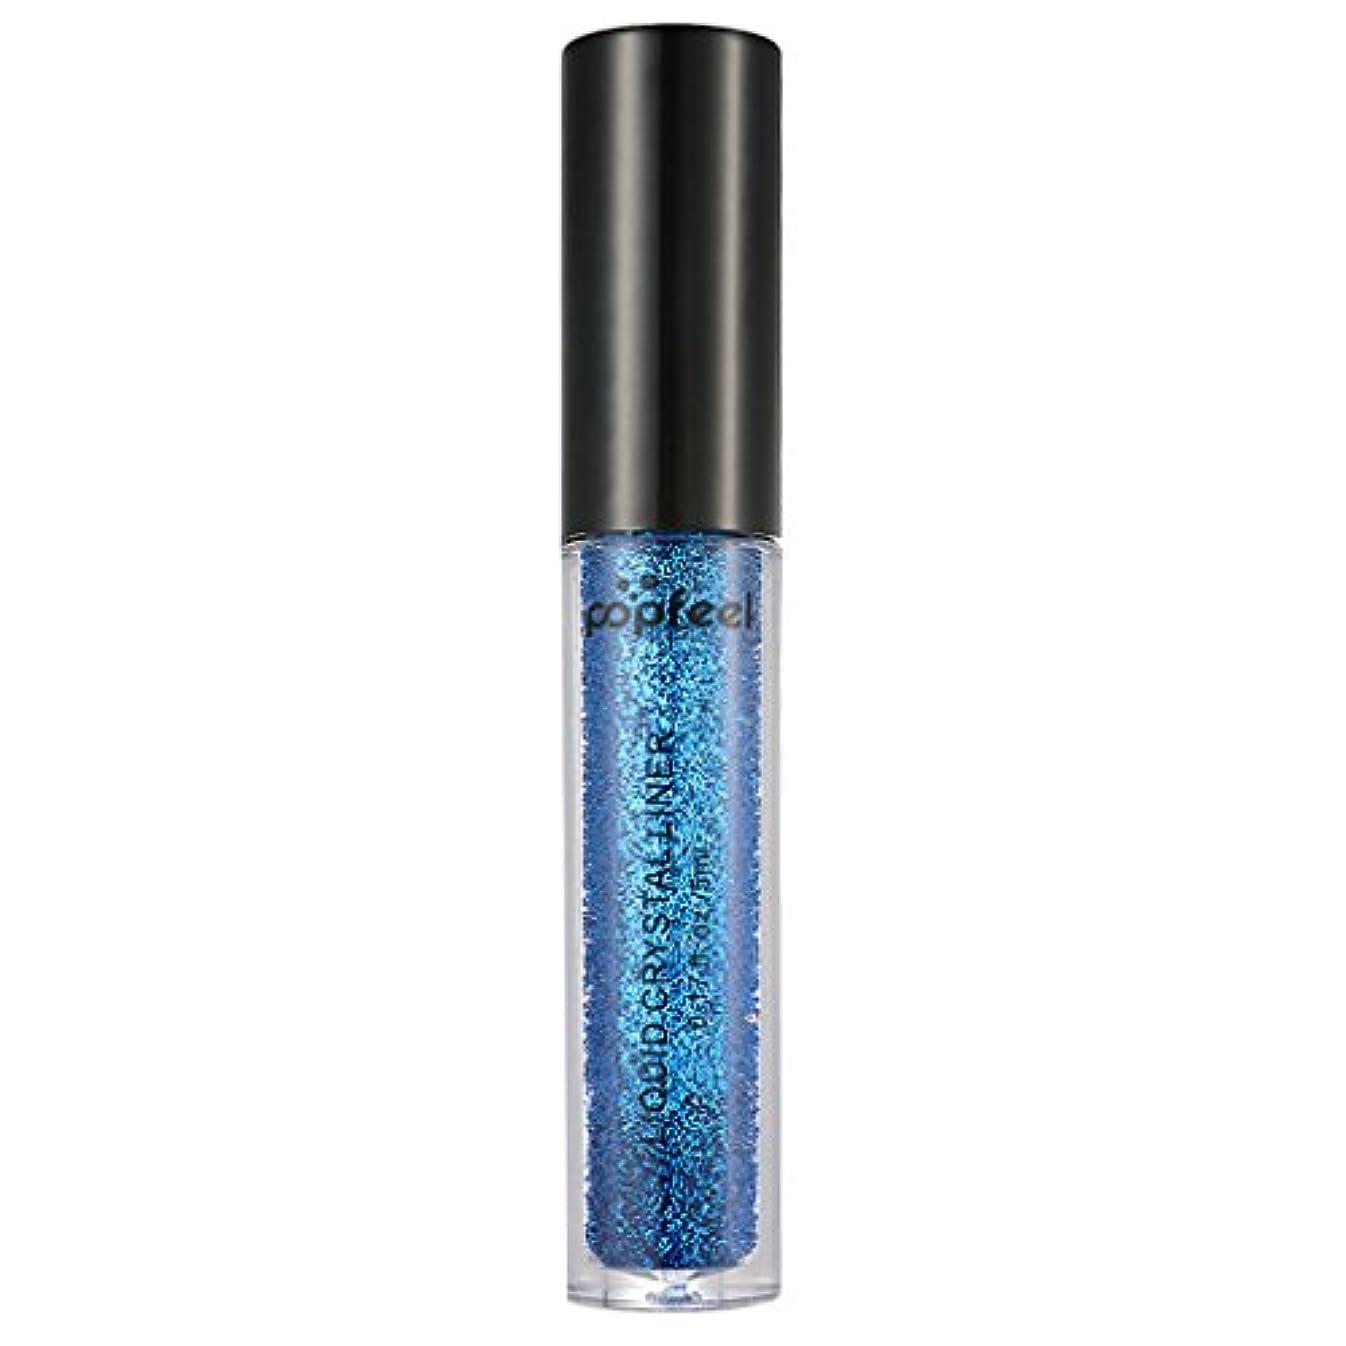 騒ぎ石の自己尊重アイシャドー フェイス ボディ リキッド顔料 防水 グリッター 全12色 - 青